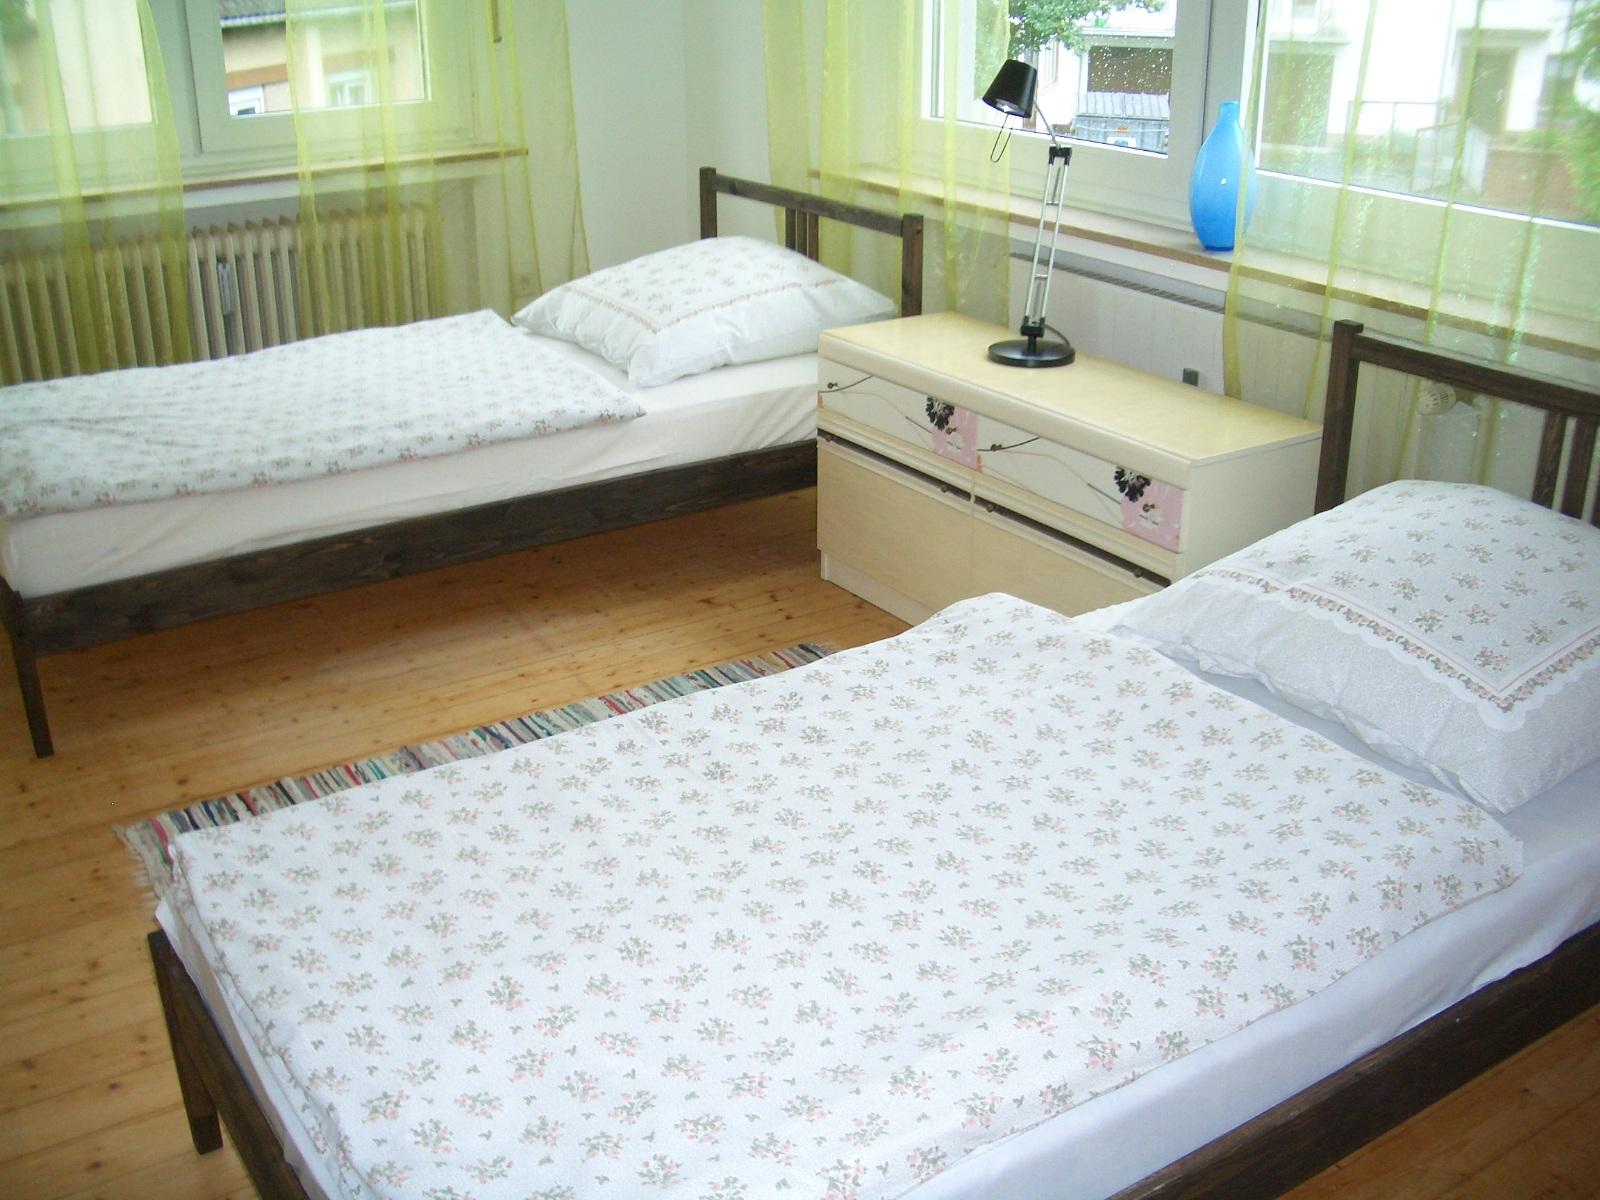 Personalunterkunft Gießen